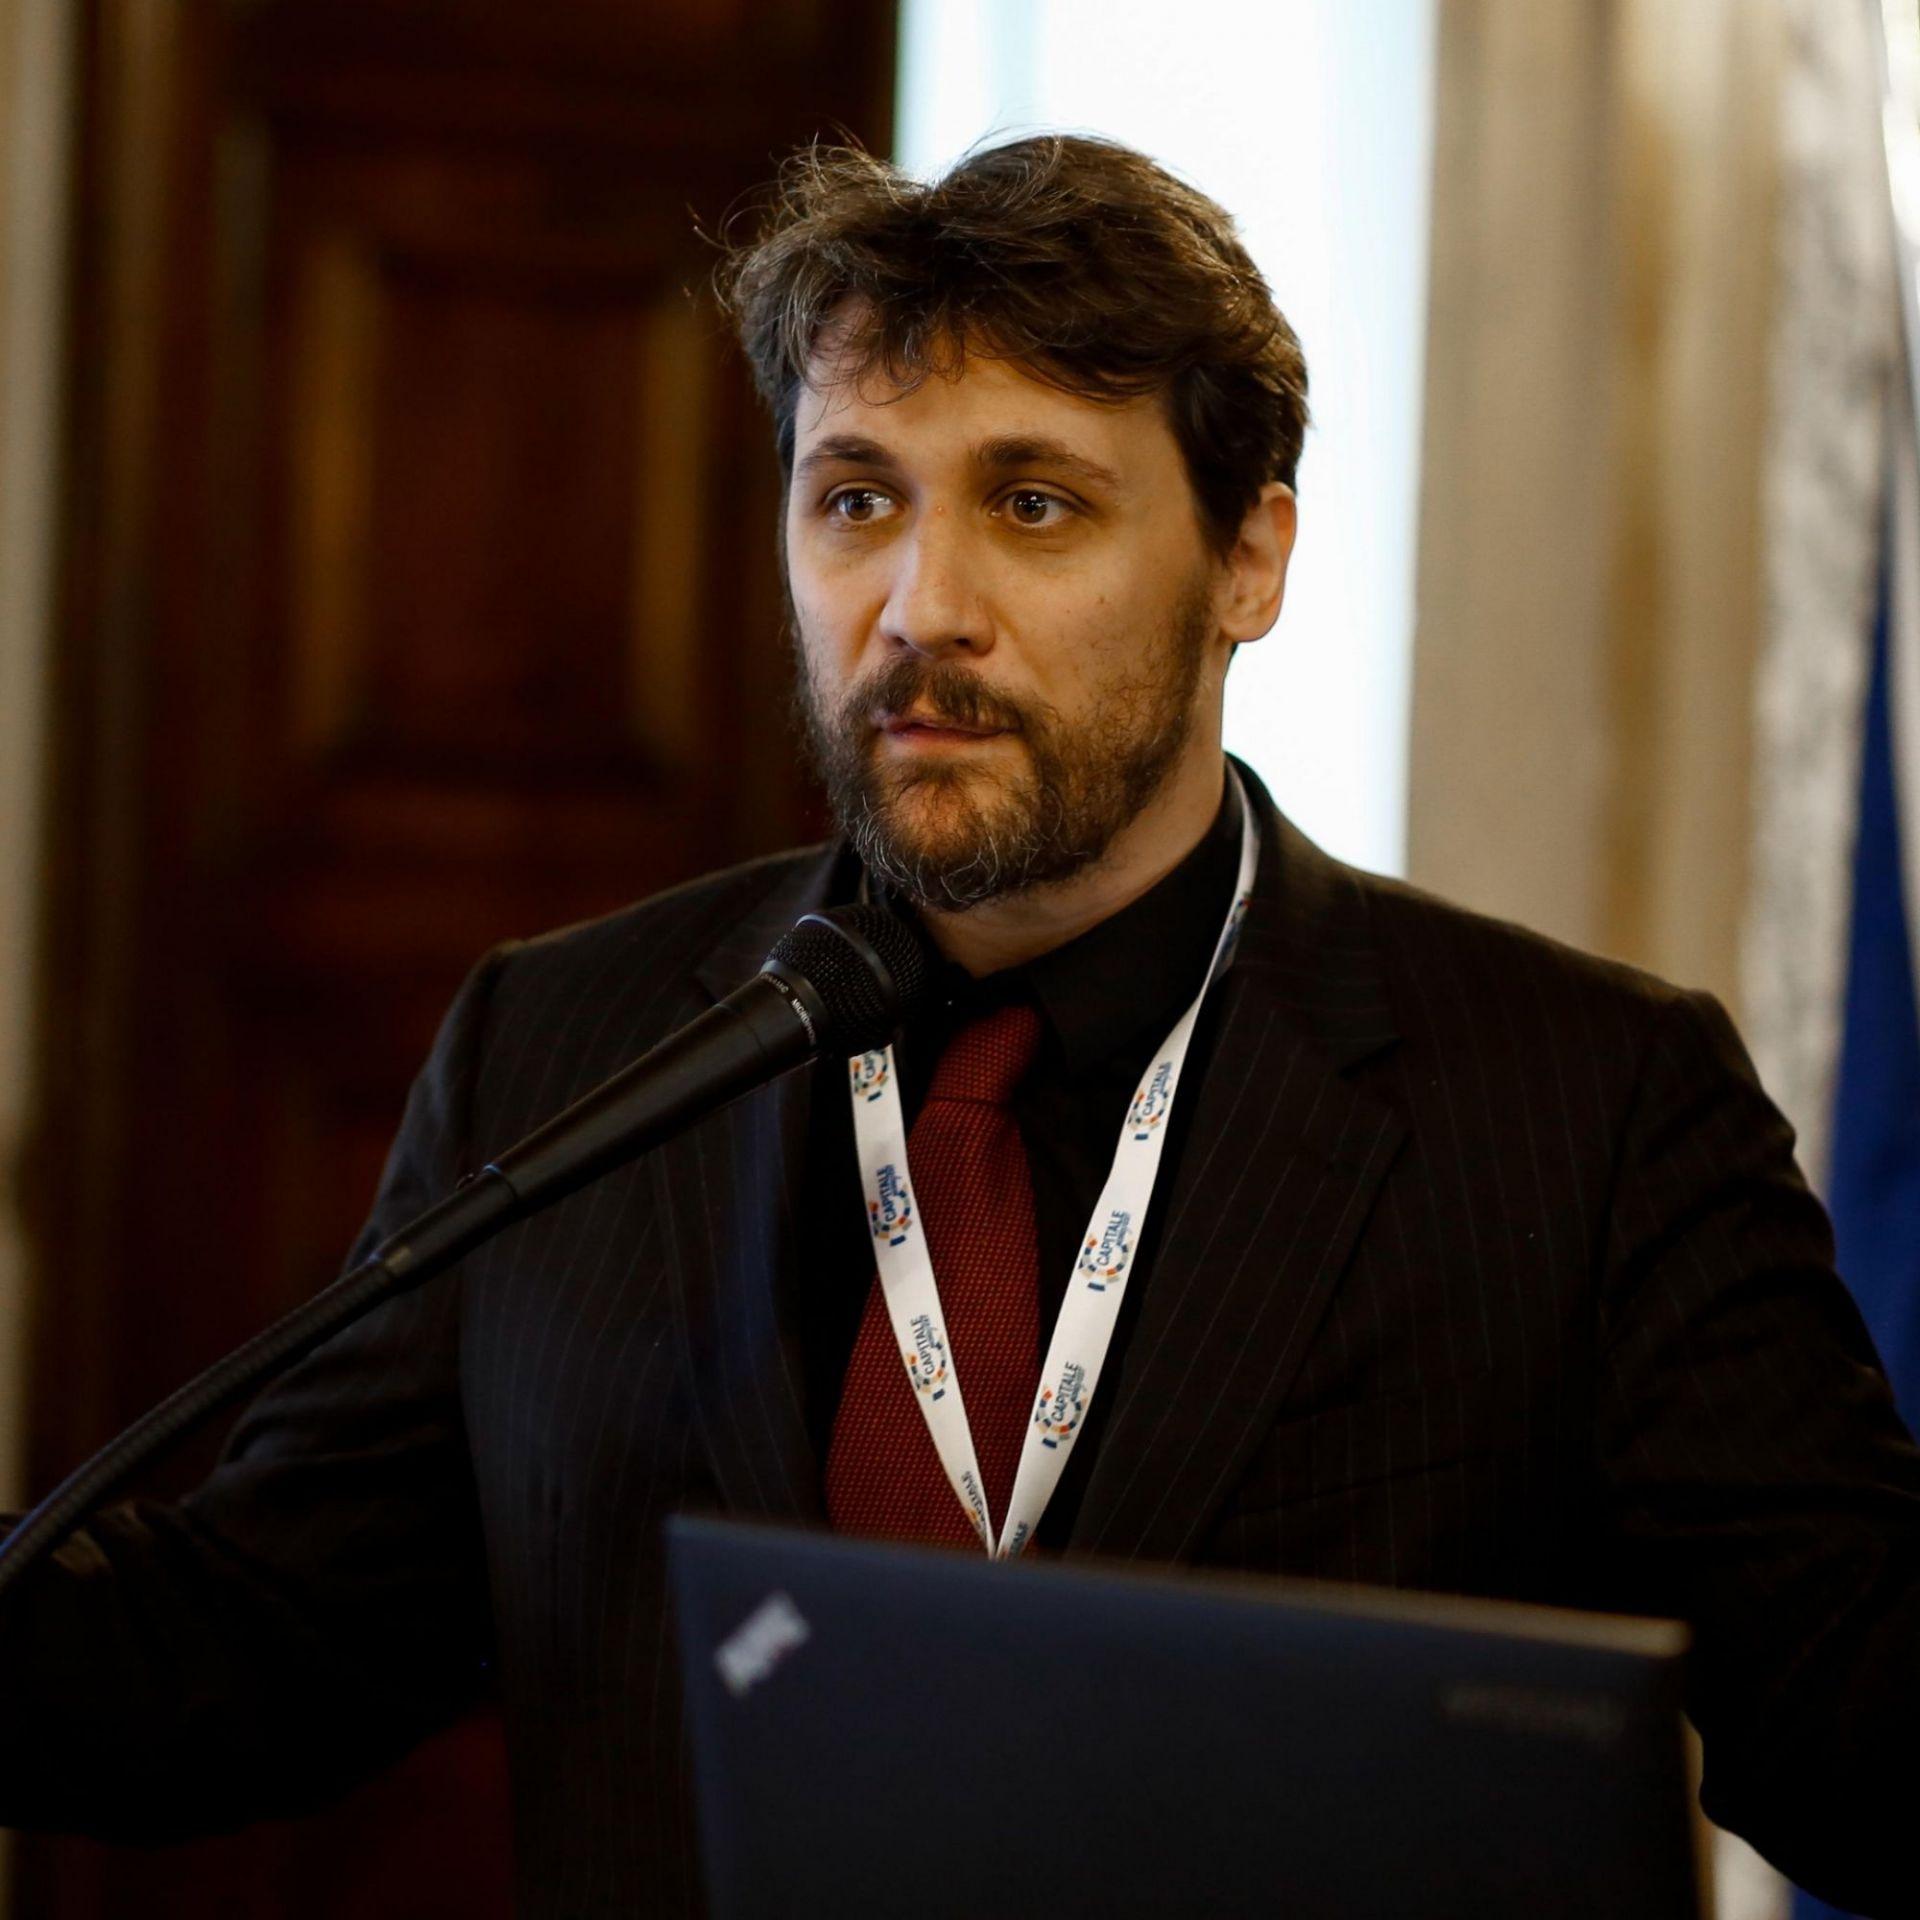 Roberto Dal Bosco